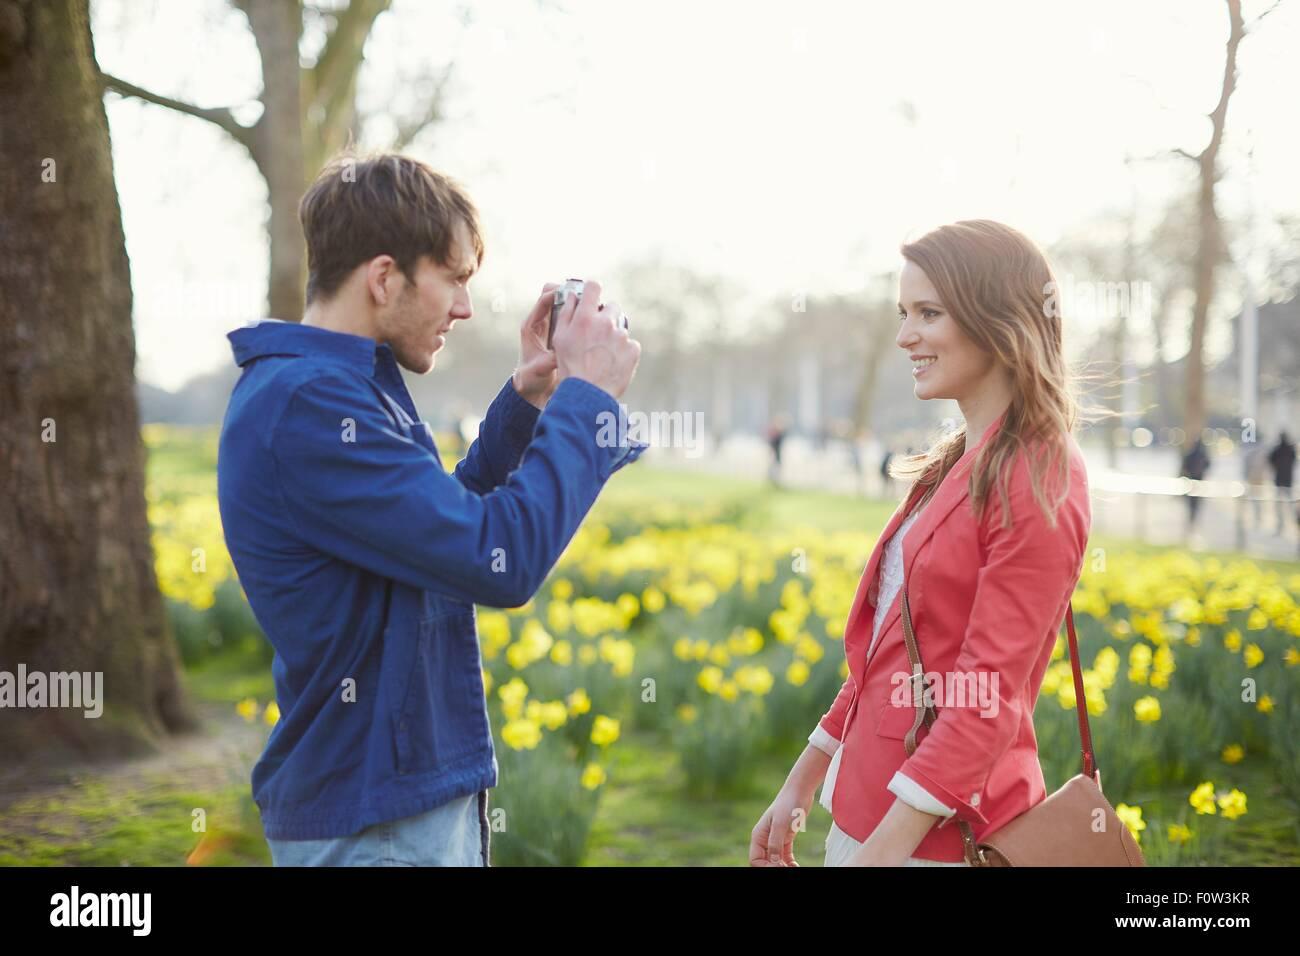 Metà uomo adulto fotografare la ragazza in park, london, Regno Unito Immagini Stock